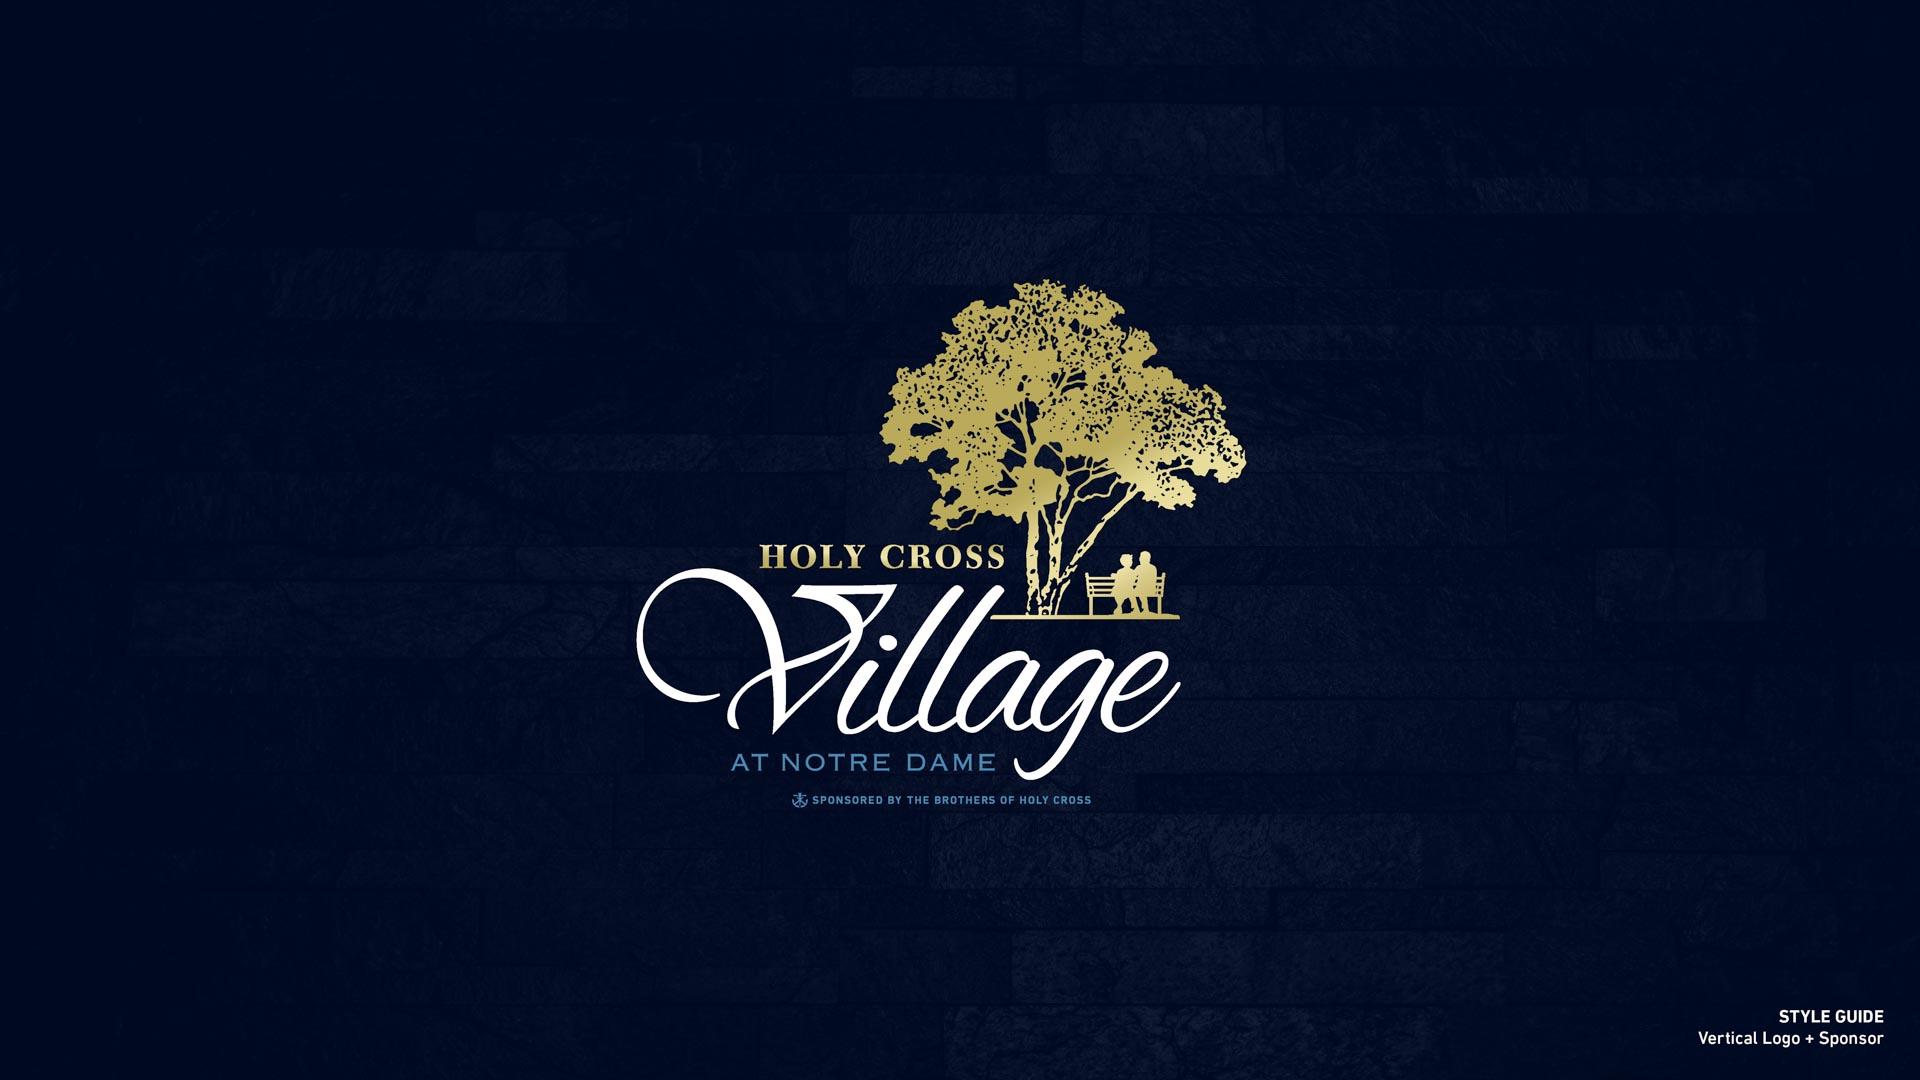 Holy Cross Village's Vertical Logo + Sponsor